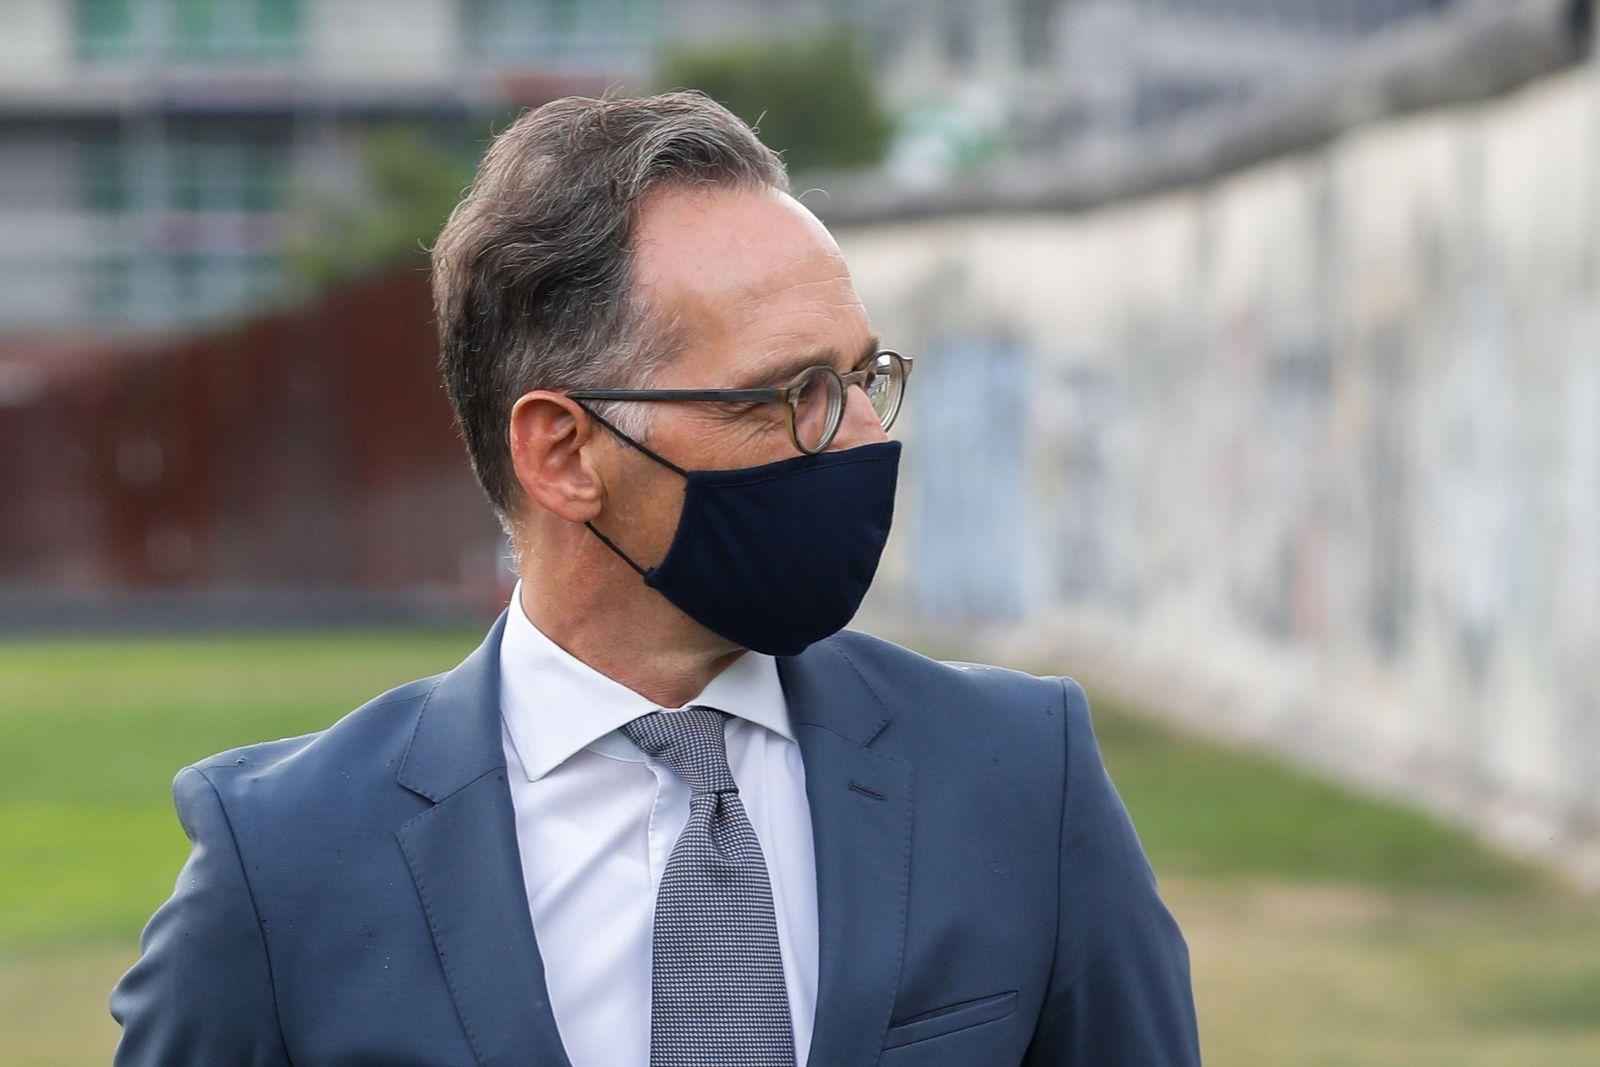 German FM Maas in quarantine, Berlin, Germany - 10 Aug 2020